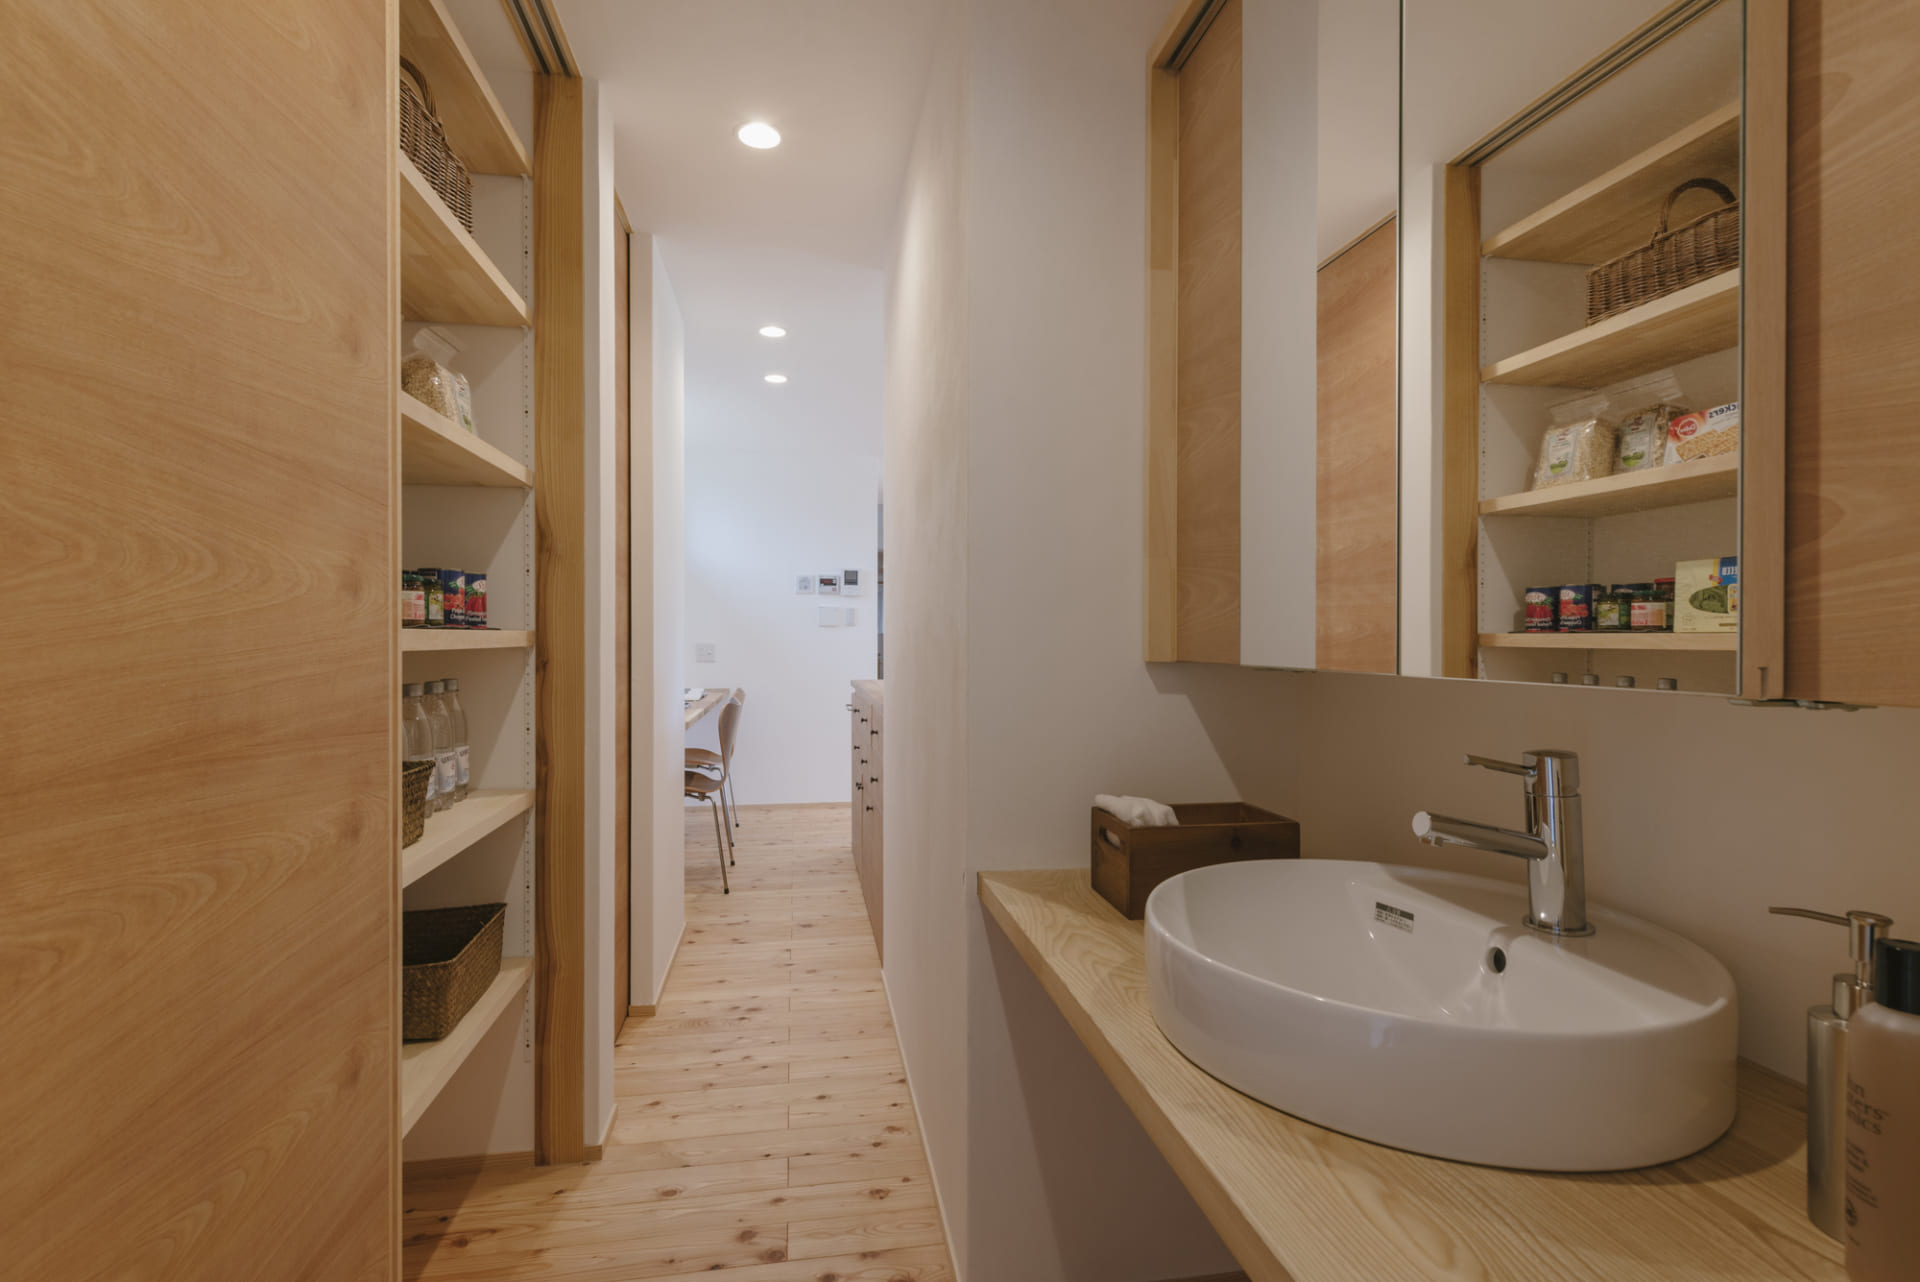 3. 限られた空間を最大限に活用した洗面所収納